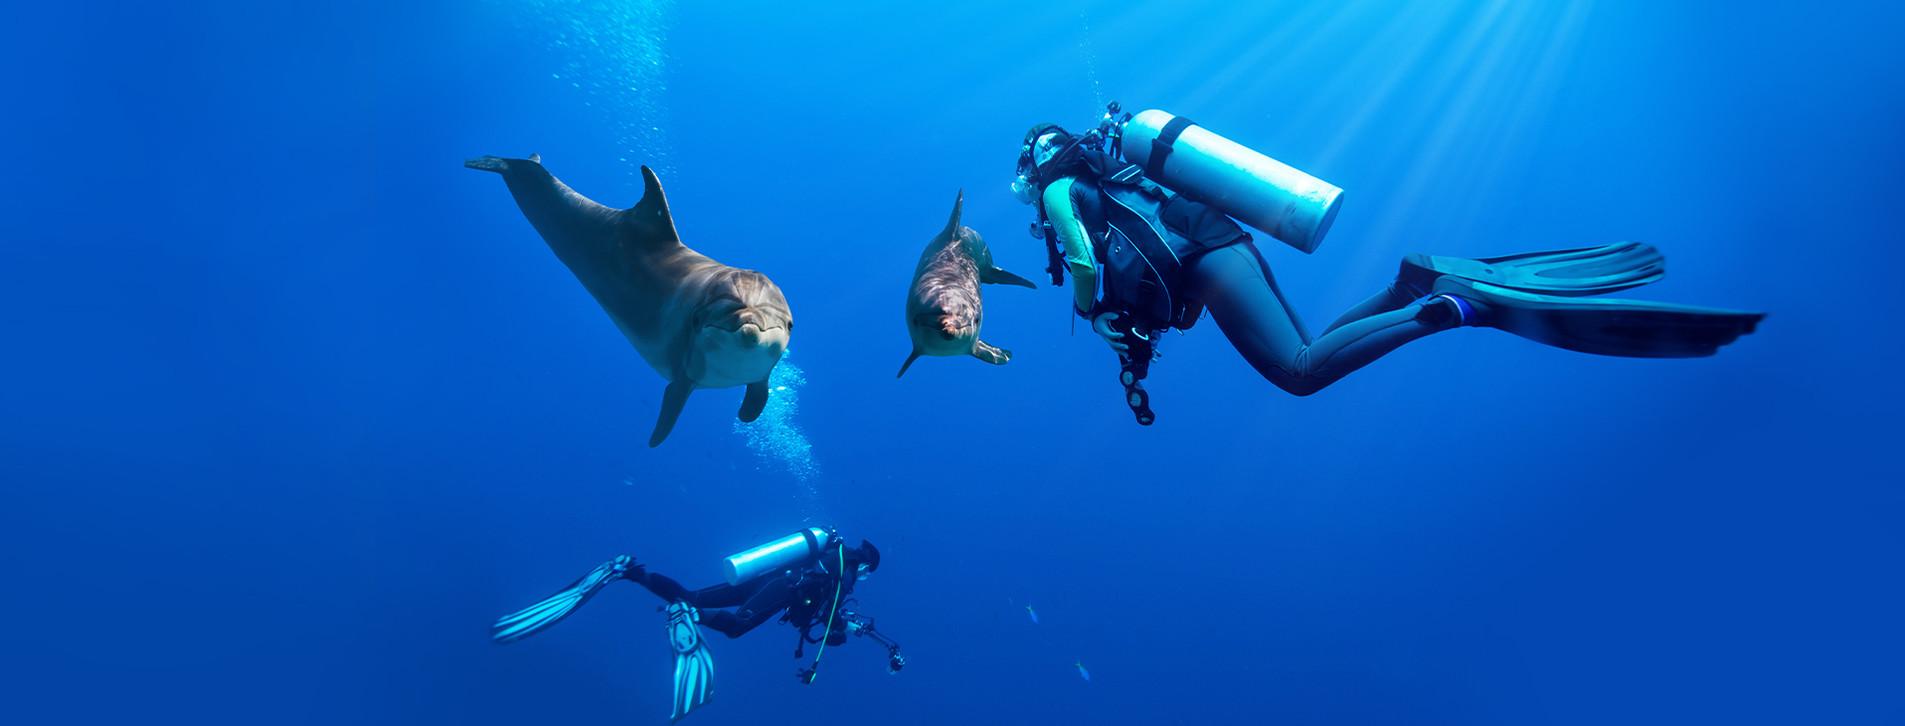 Фото 1 - Дайвінг із дельфінами для двох